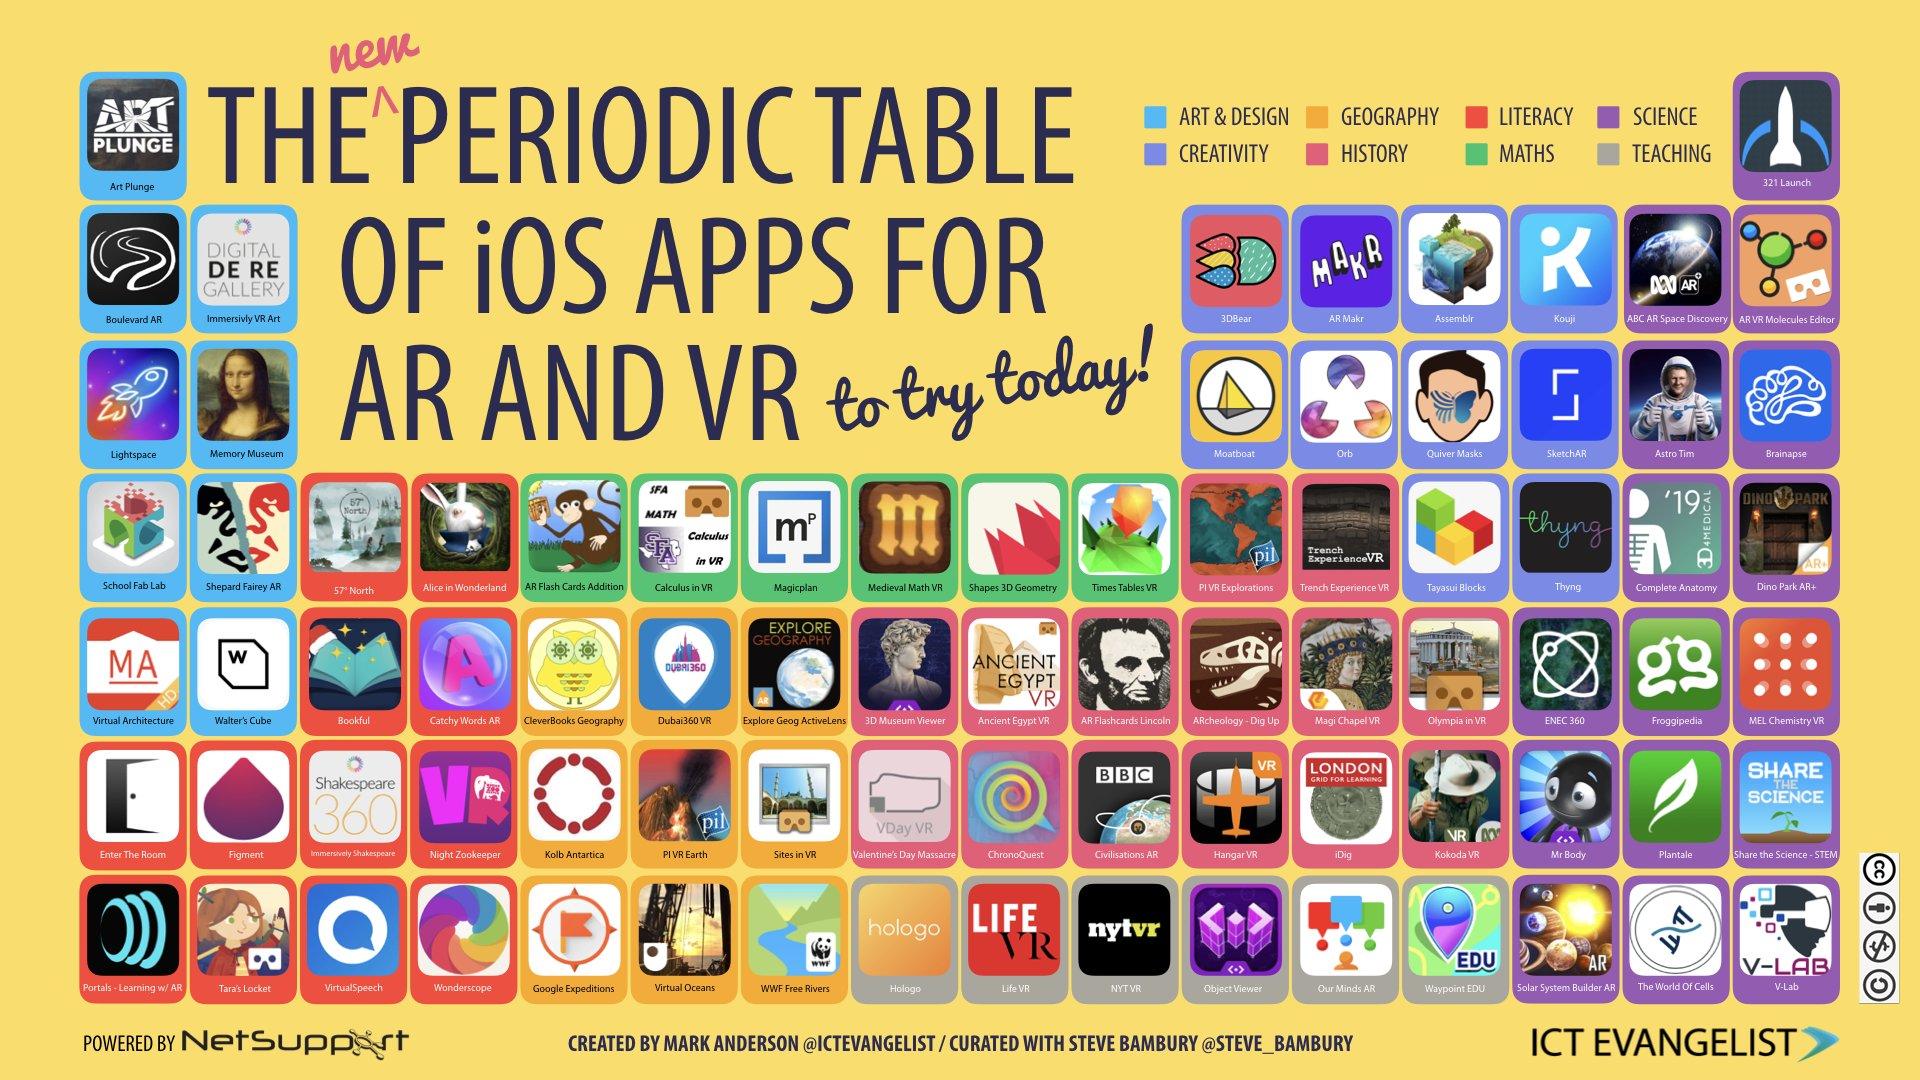 3DBear valittiin parhaiden AR ja VR appien joukkoon Creativity kategoriassa BETT- ja FETC -messujen yhteydessä julkaistussa rankingissä.